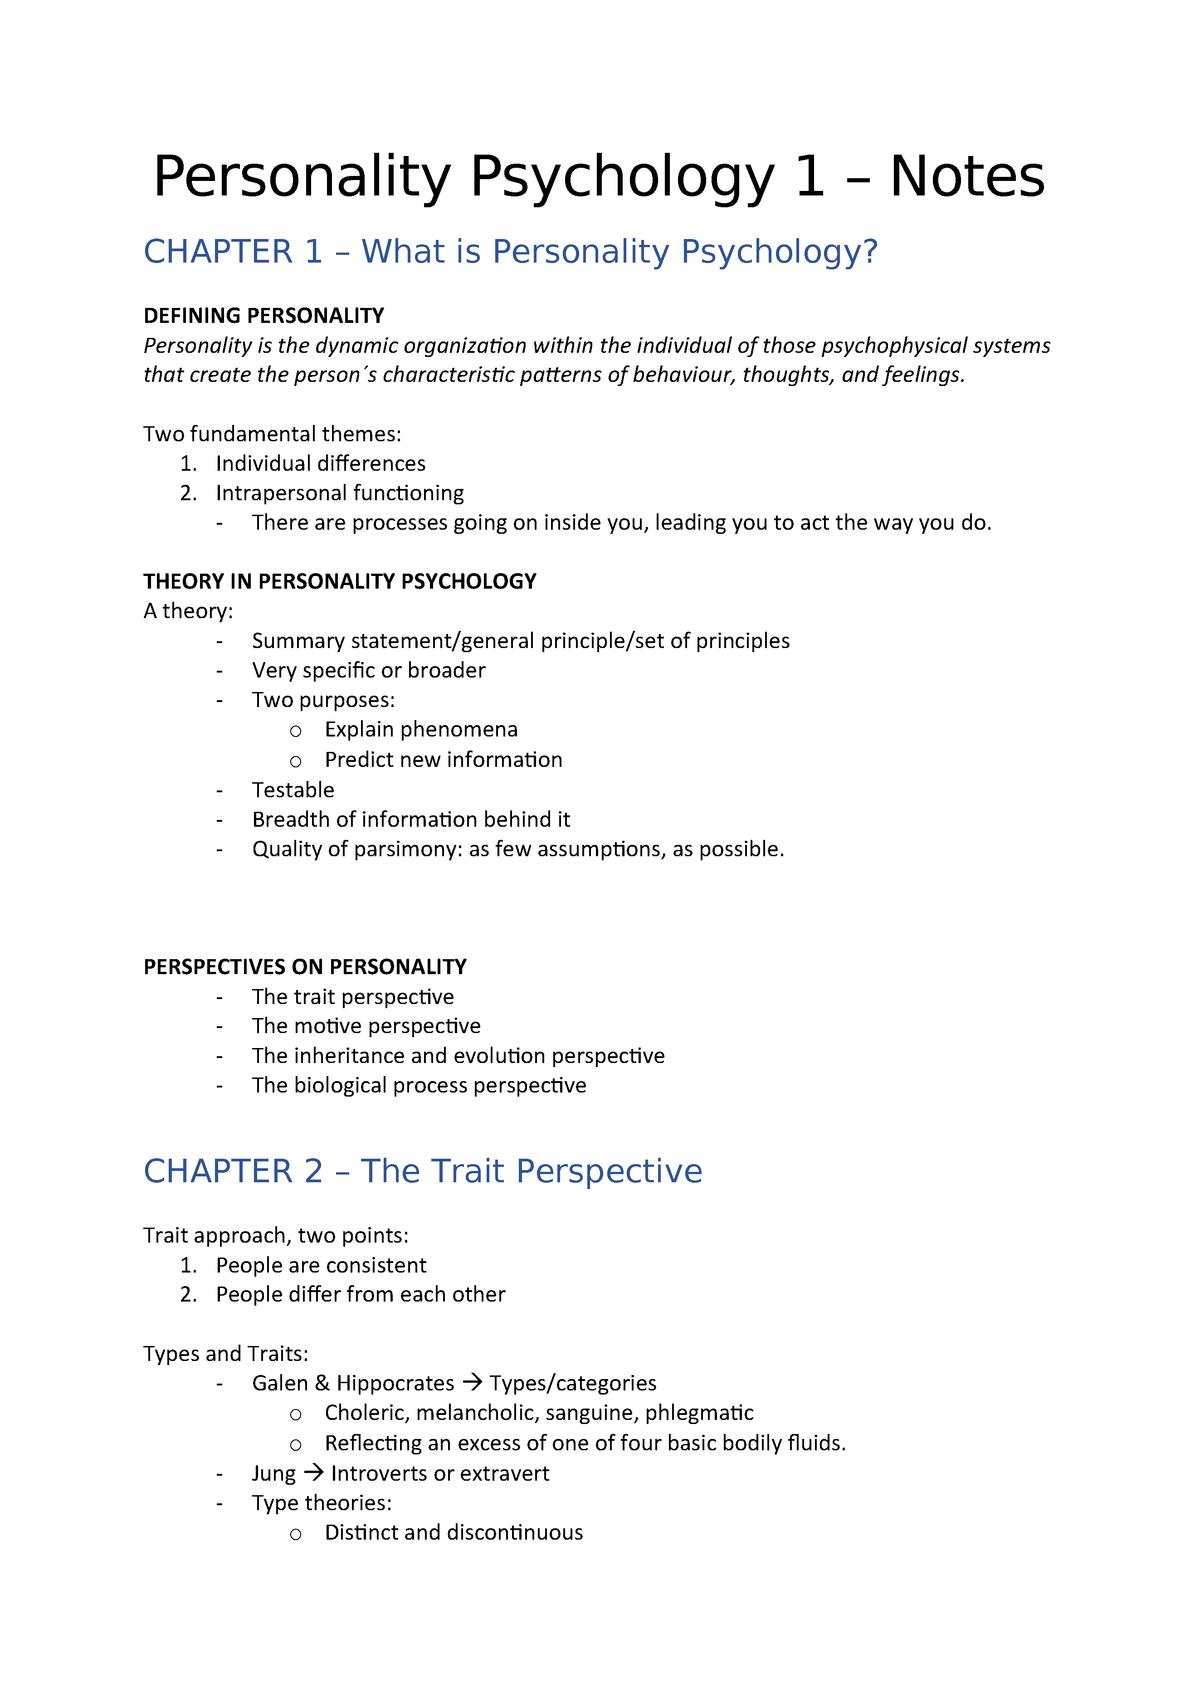 Personality Psychology 1 – Notes - StuDocu